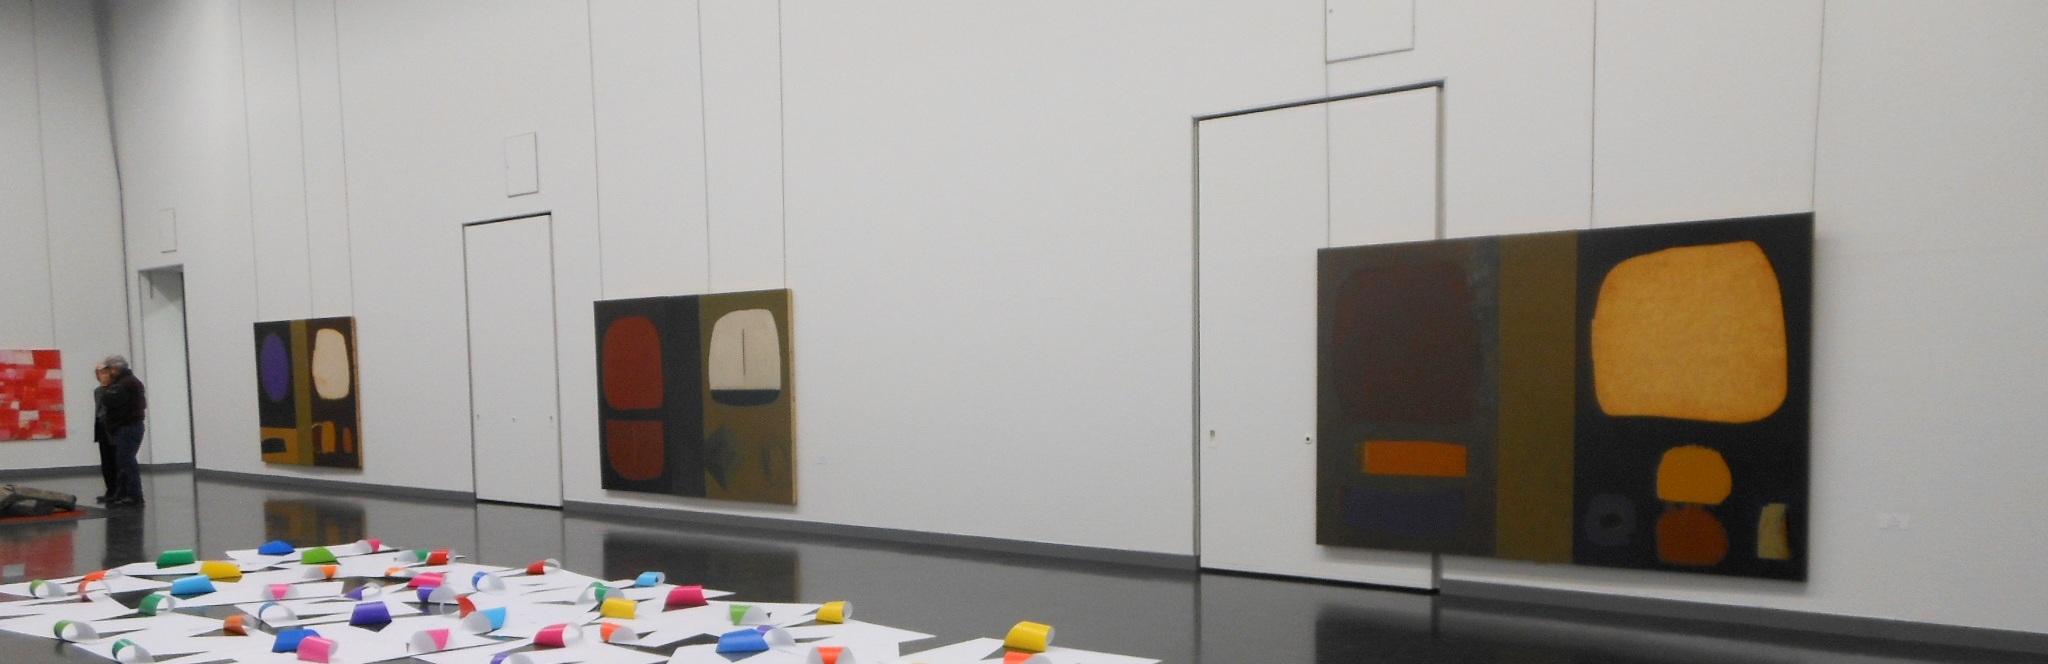 1700)「'12 第39回 北海道抽象派作家協会展」 市民ギャラリー 4月10日(火)~4月15日(日)_f0126829_2252151.jpg